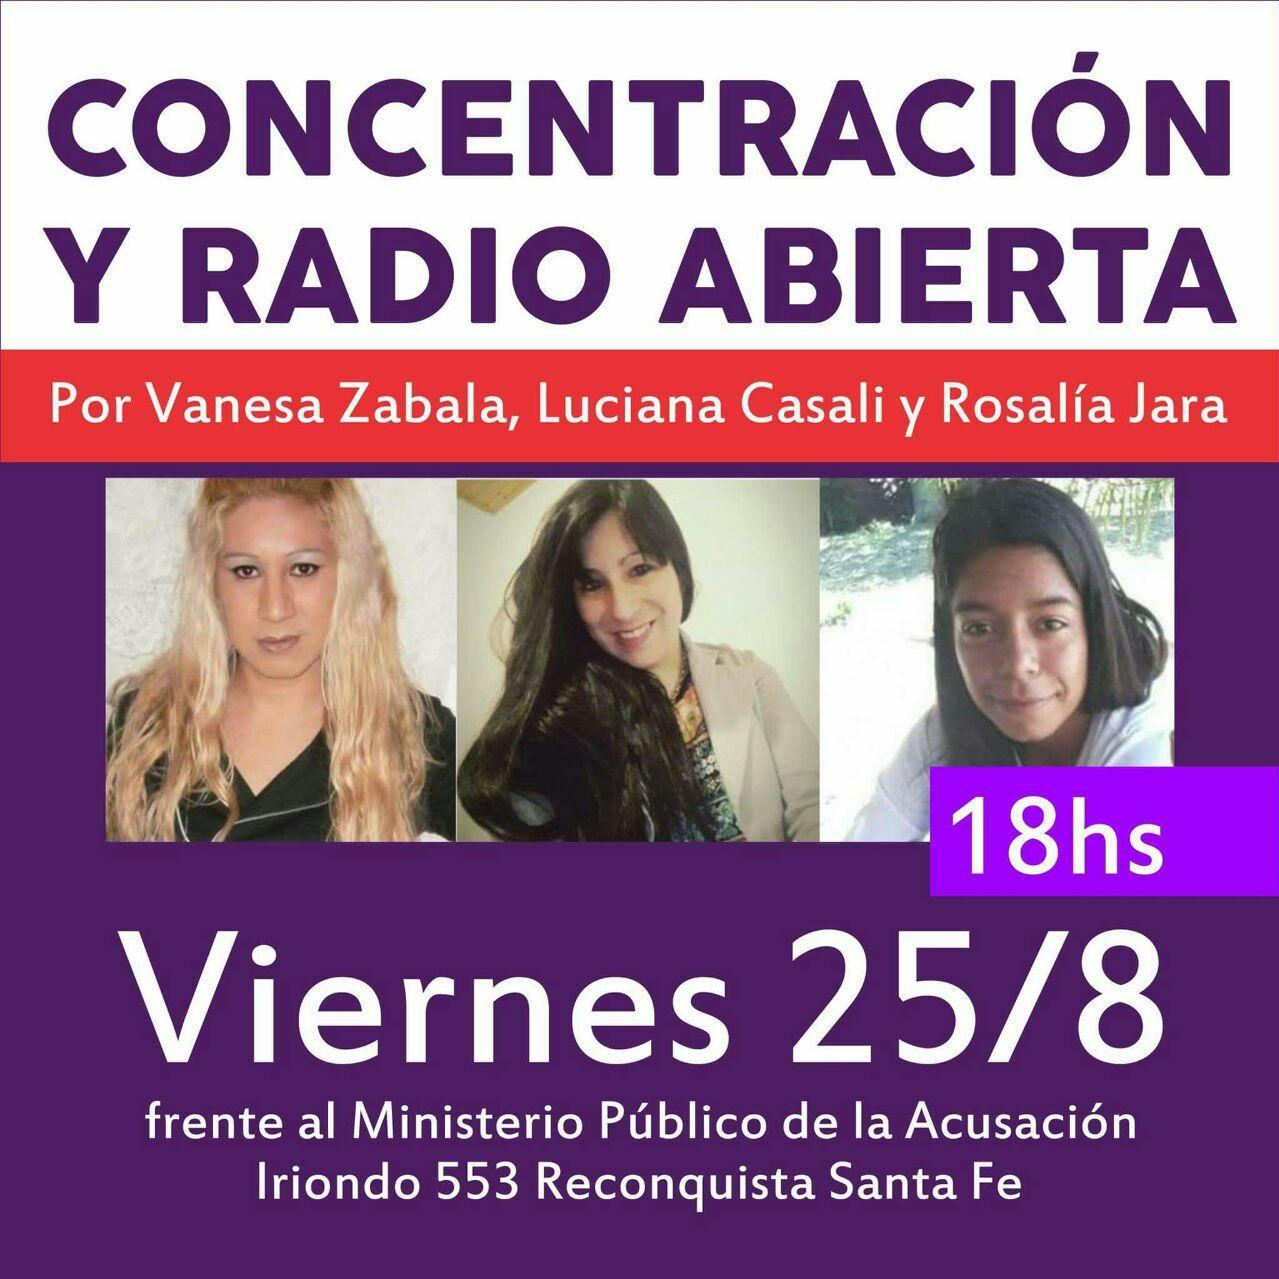 Concentración y radio abierta por justicia